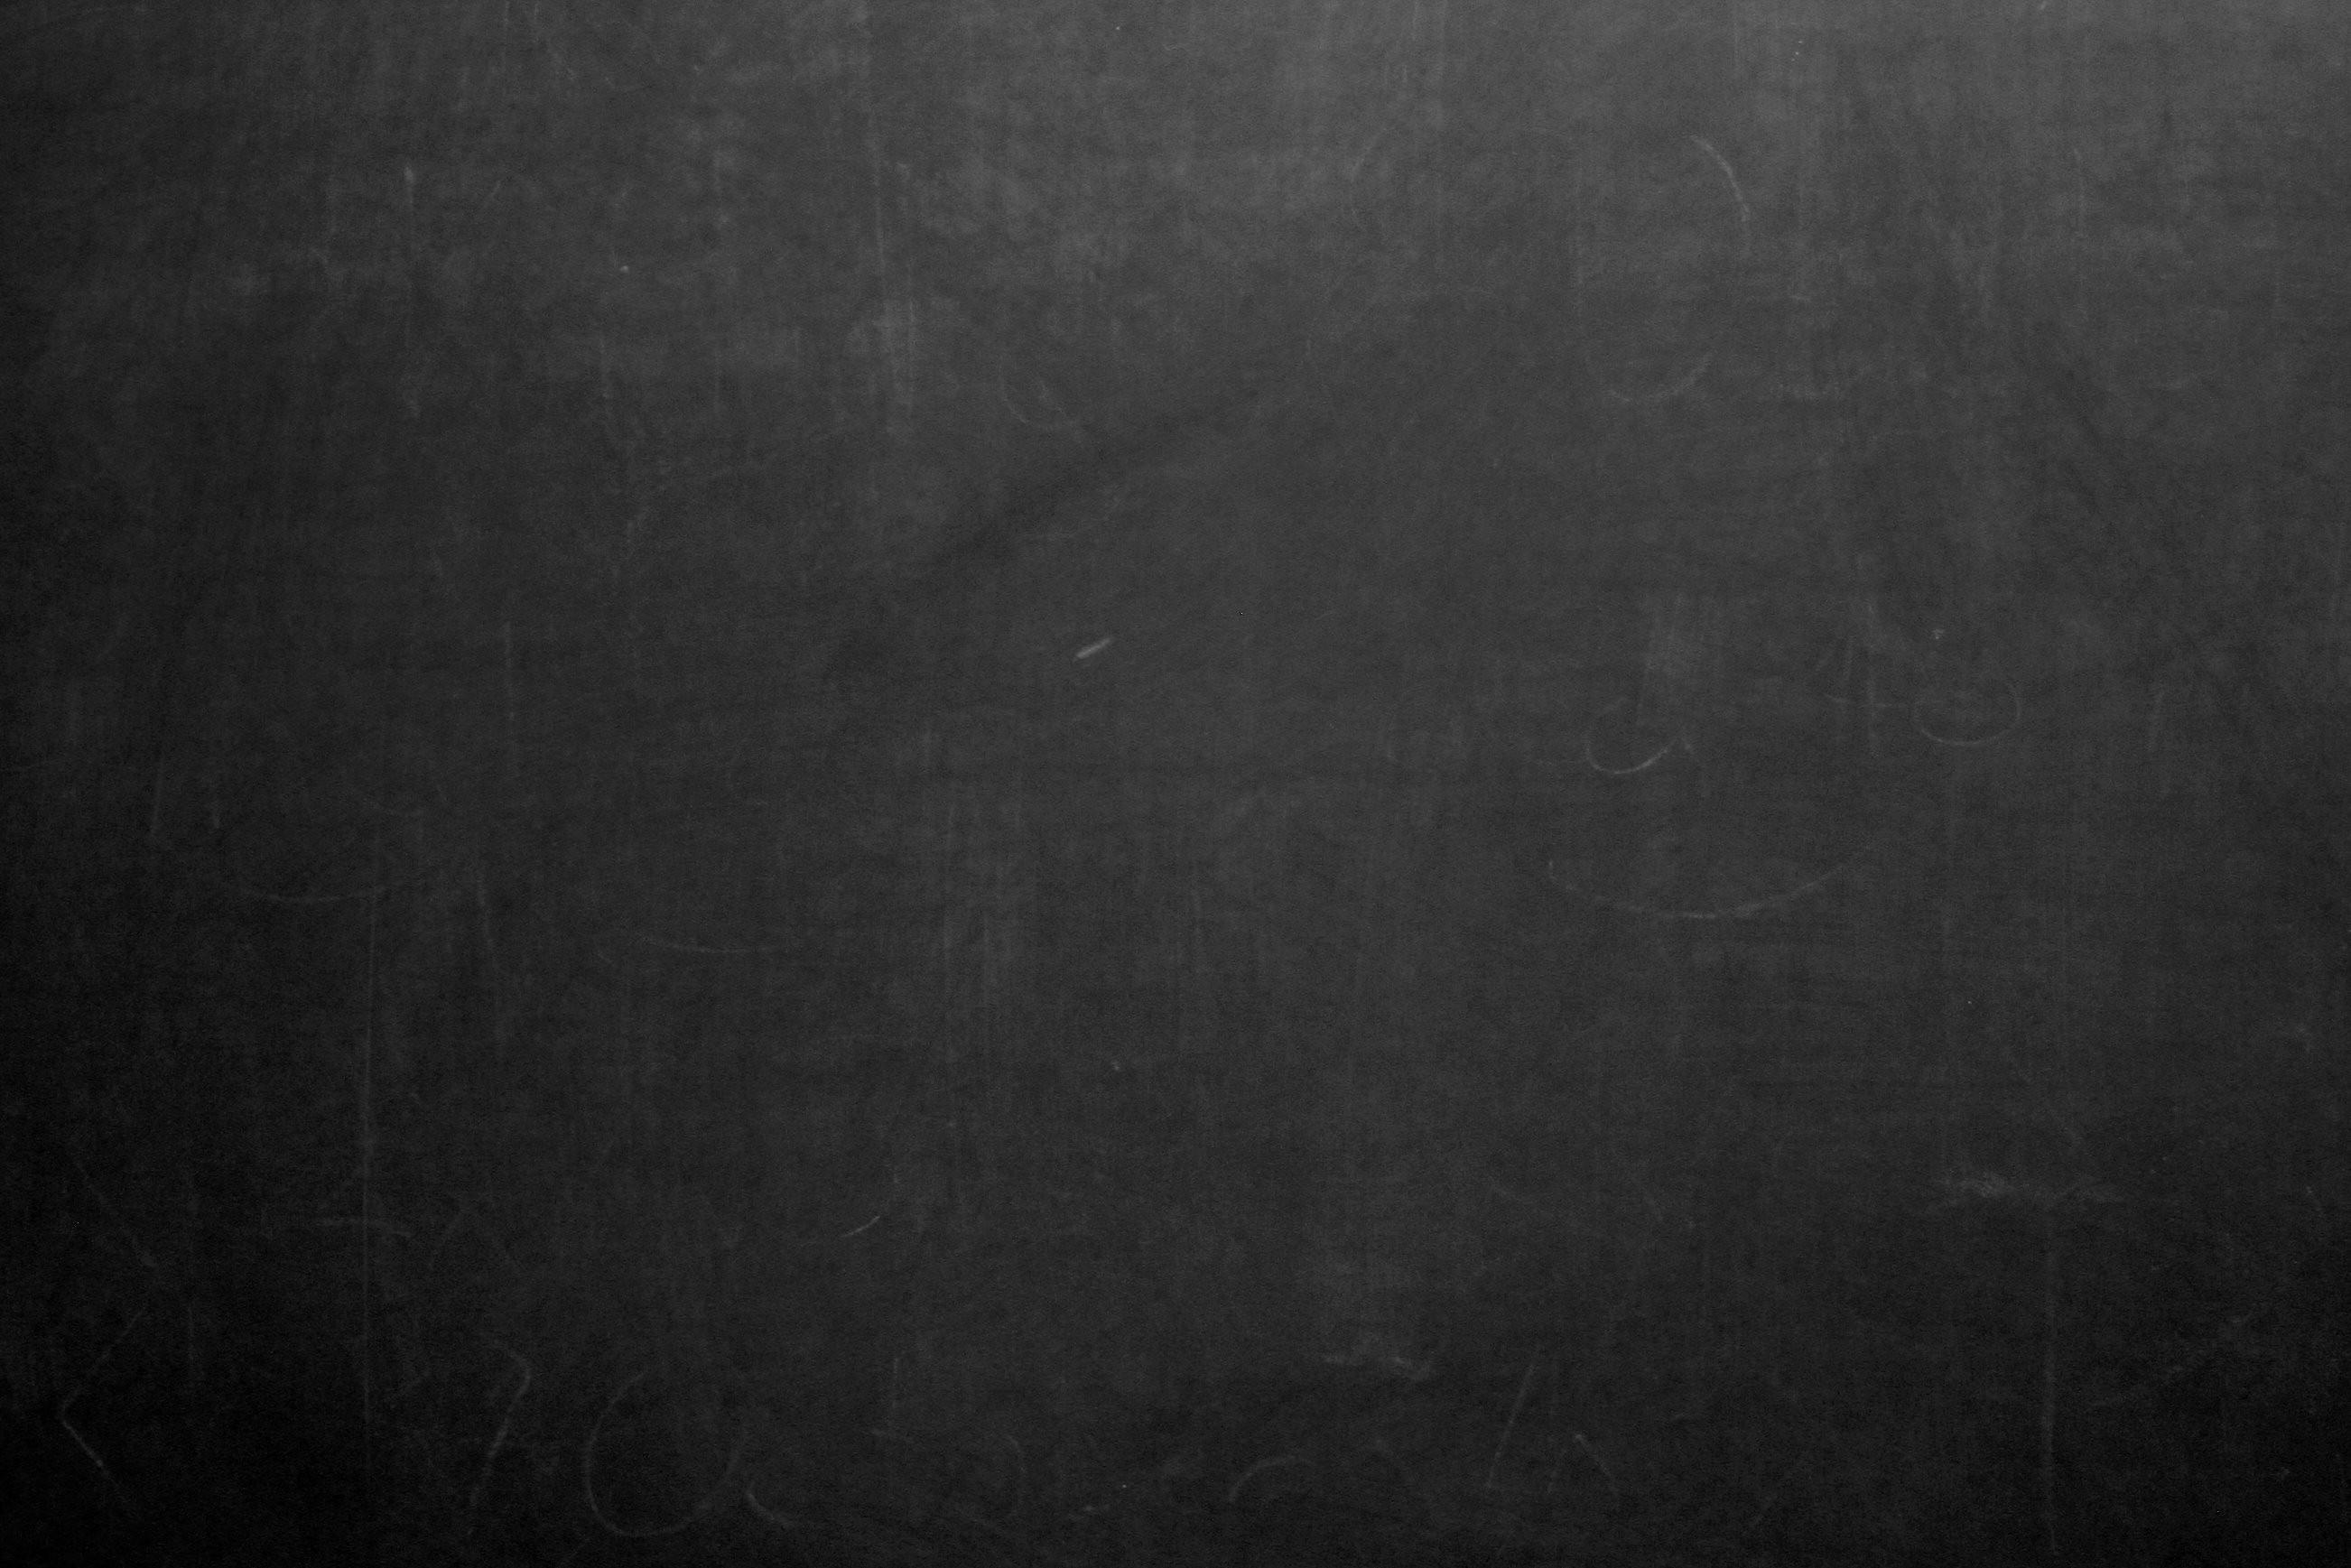 Chalkboard Powerpoint Template Free Download New Chalkboard Backgrounds Free Download